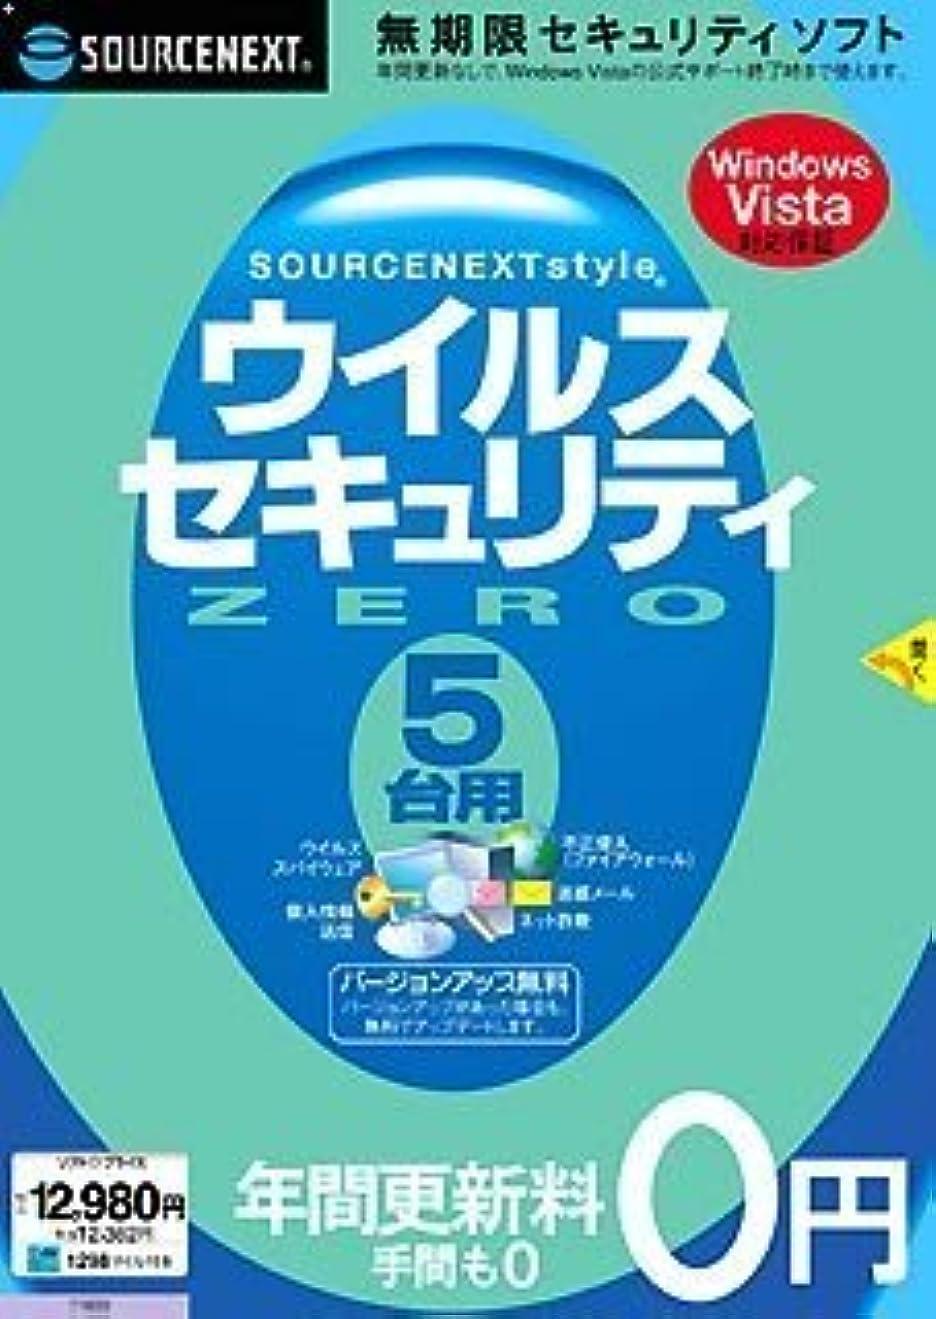 冷蔵庫真似る脅迫ウイルスセキュリティZERO 5台用 (説明扉付きスリムパッケージ版)